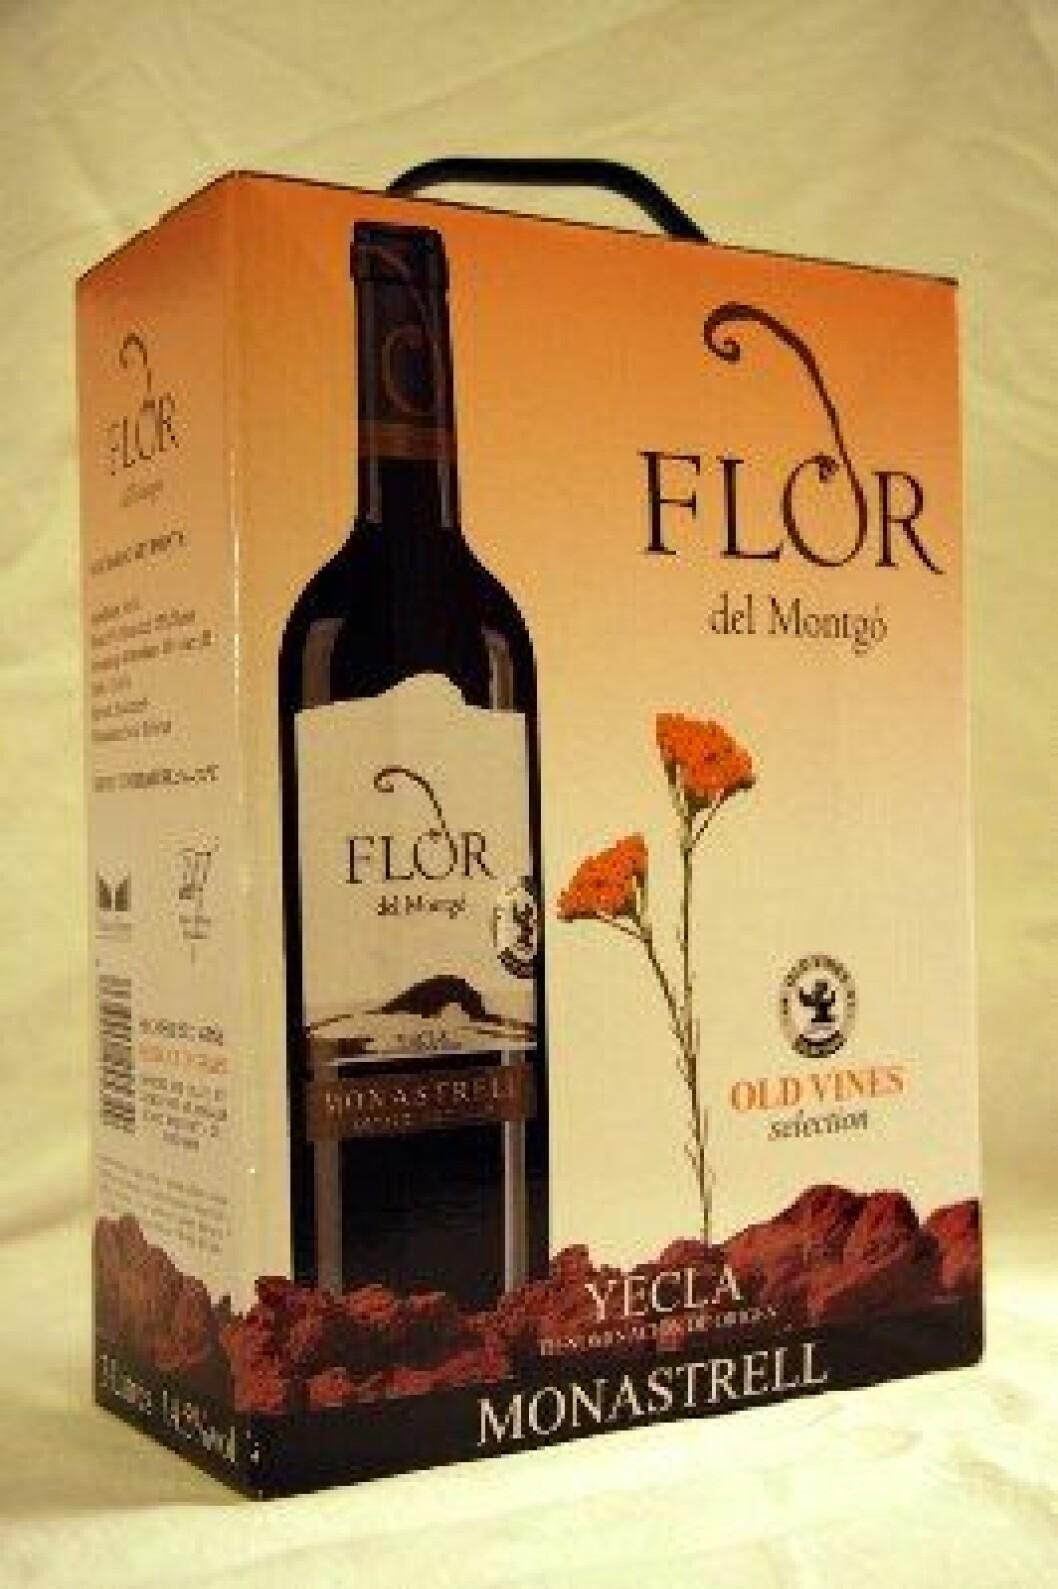 Flor del Montgo BIB1